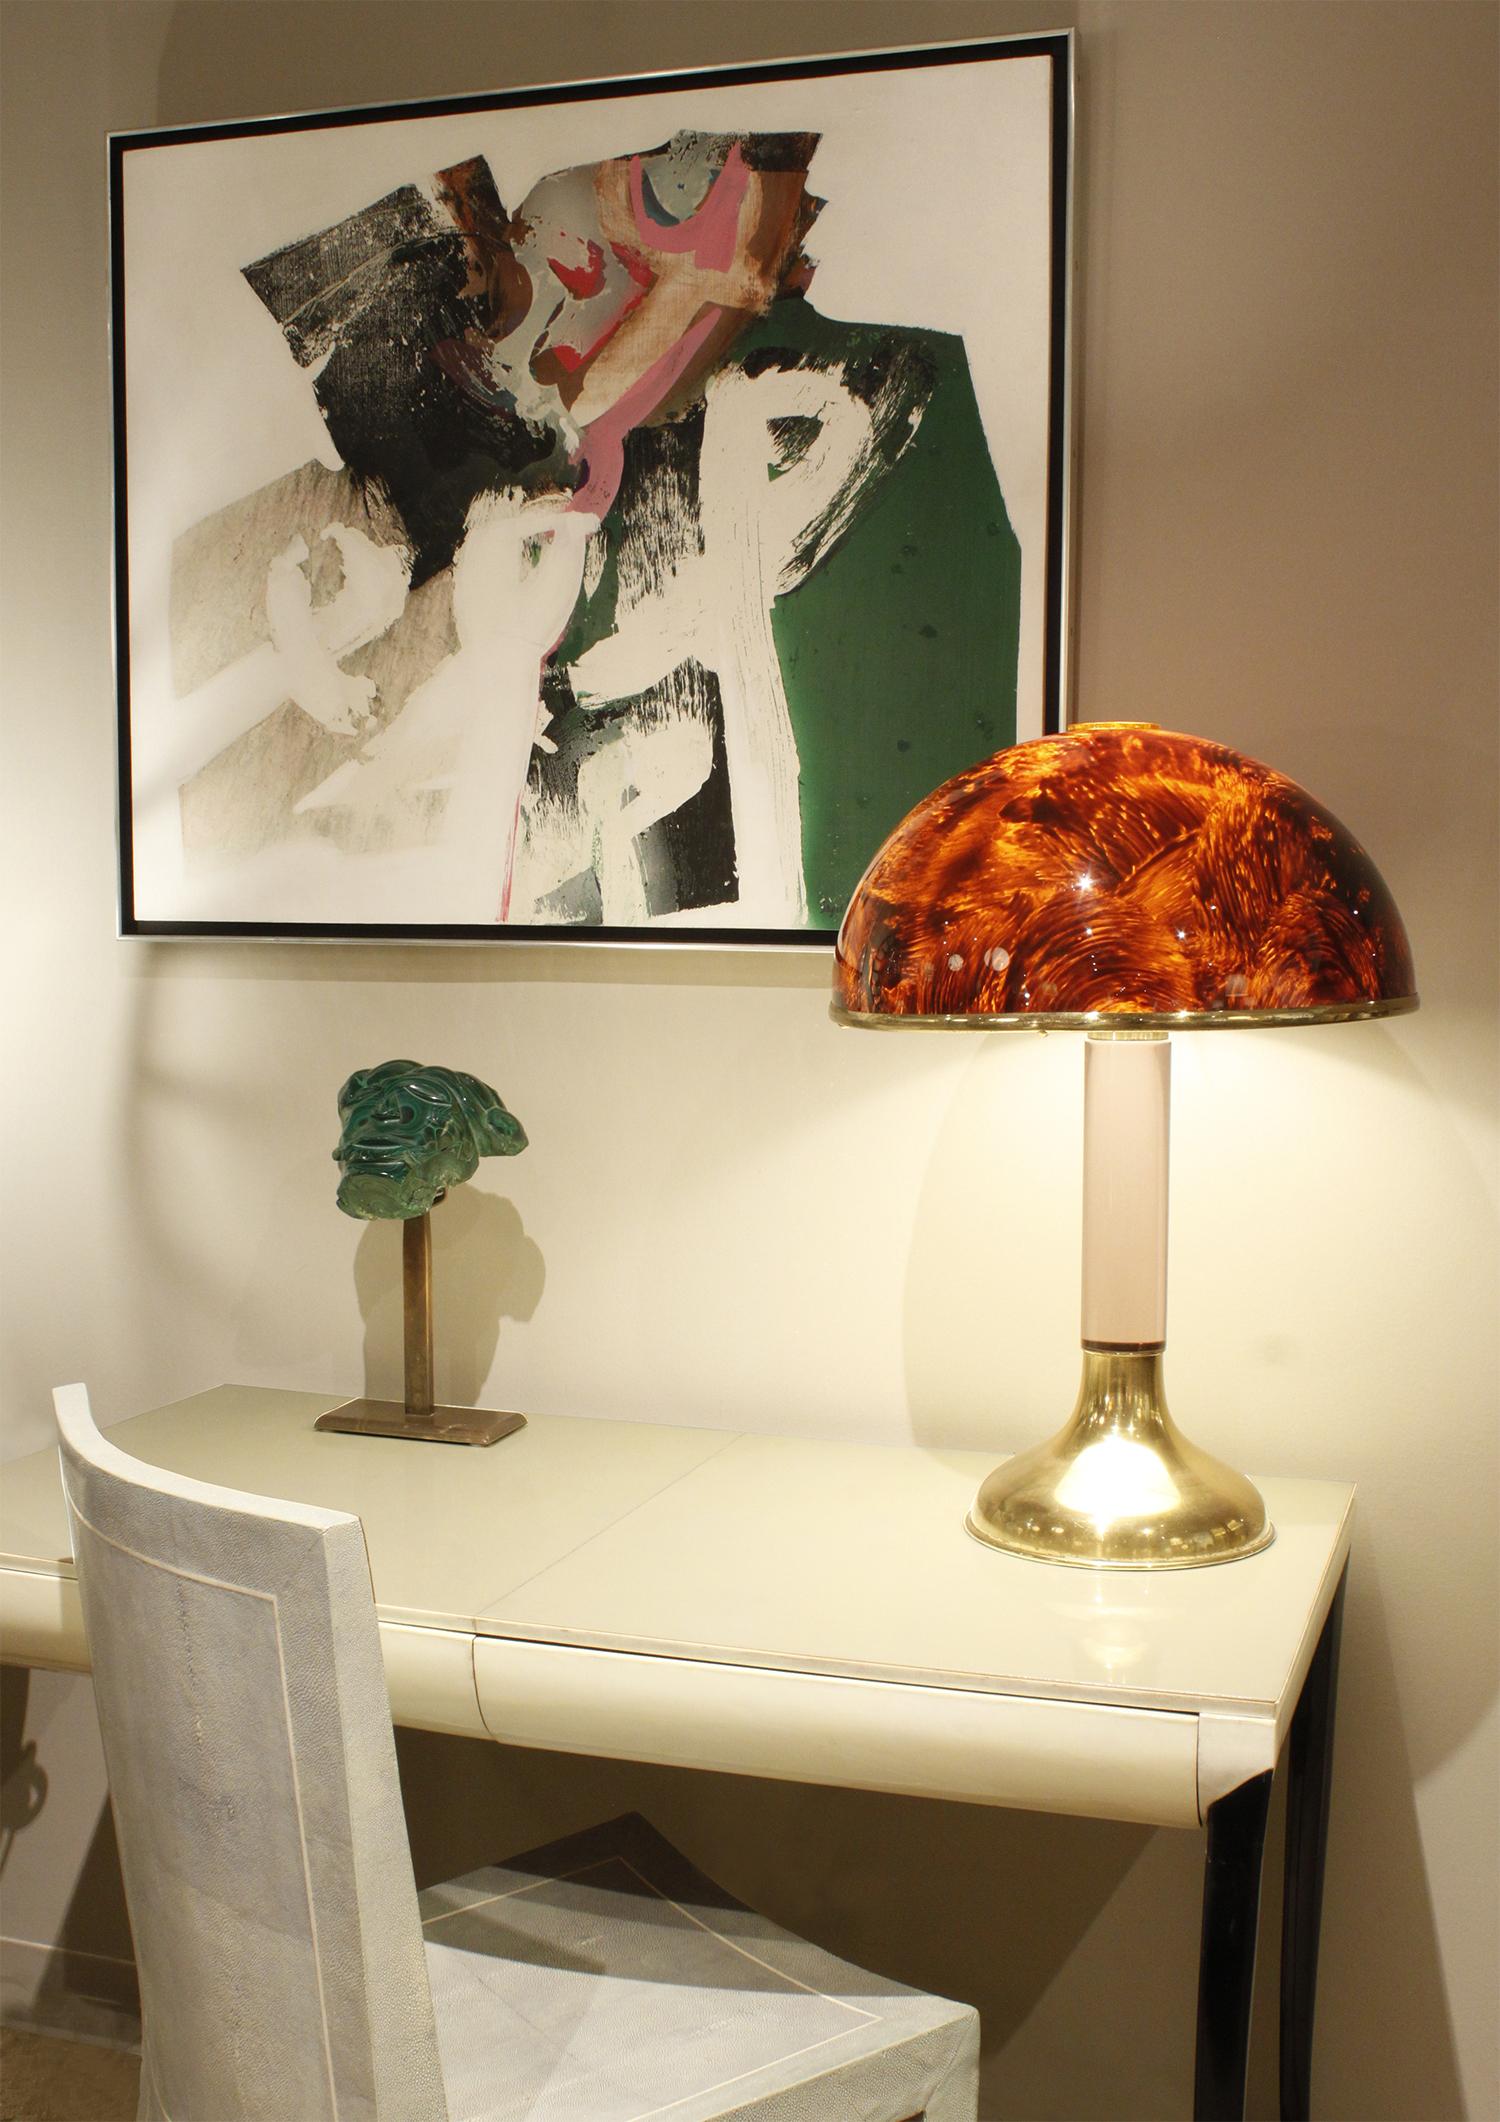 70s 35 tortoishell lucite shade tablelamp275 atm.jpg